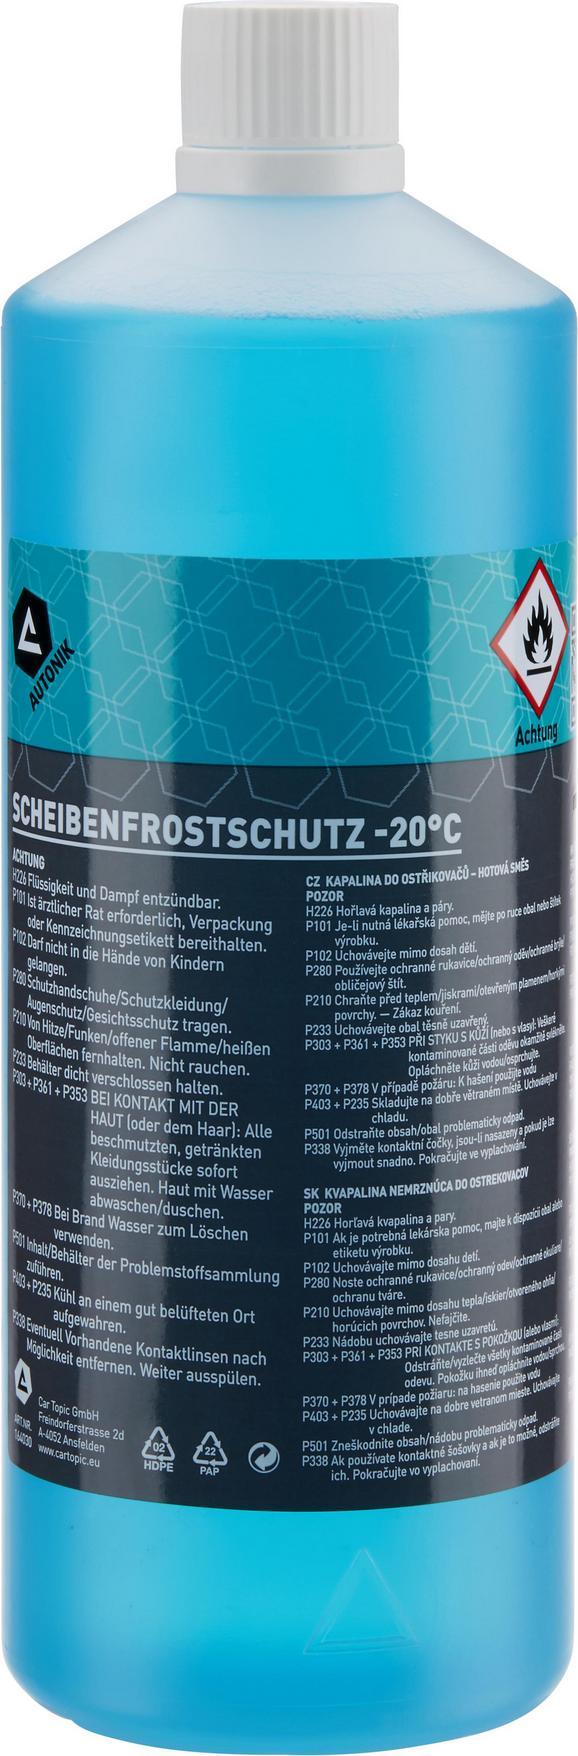 Scheibenfrostschutz Niklas, ca. 1 Liter - KONVENTIONELL (8,5/24,5cm)